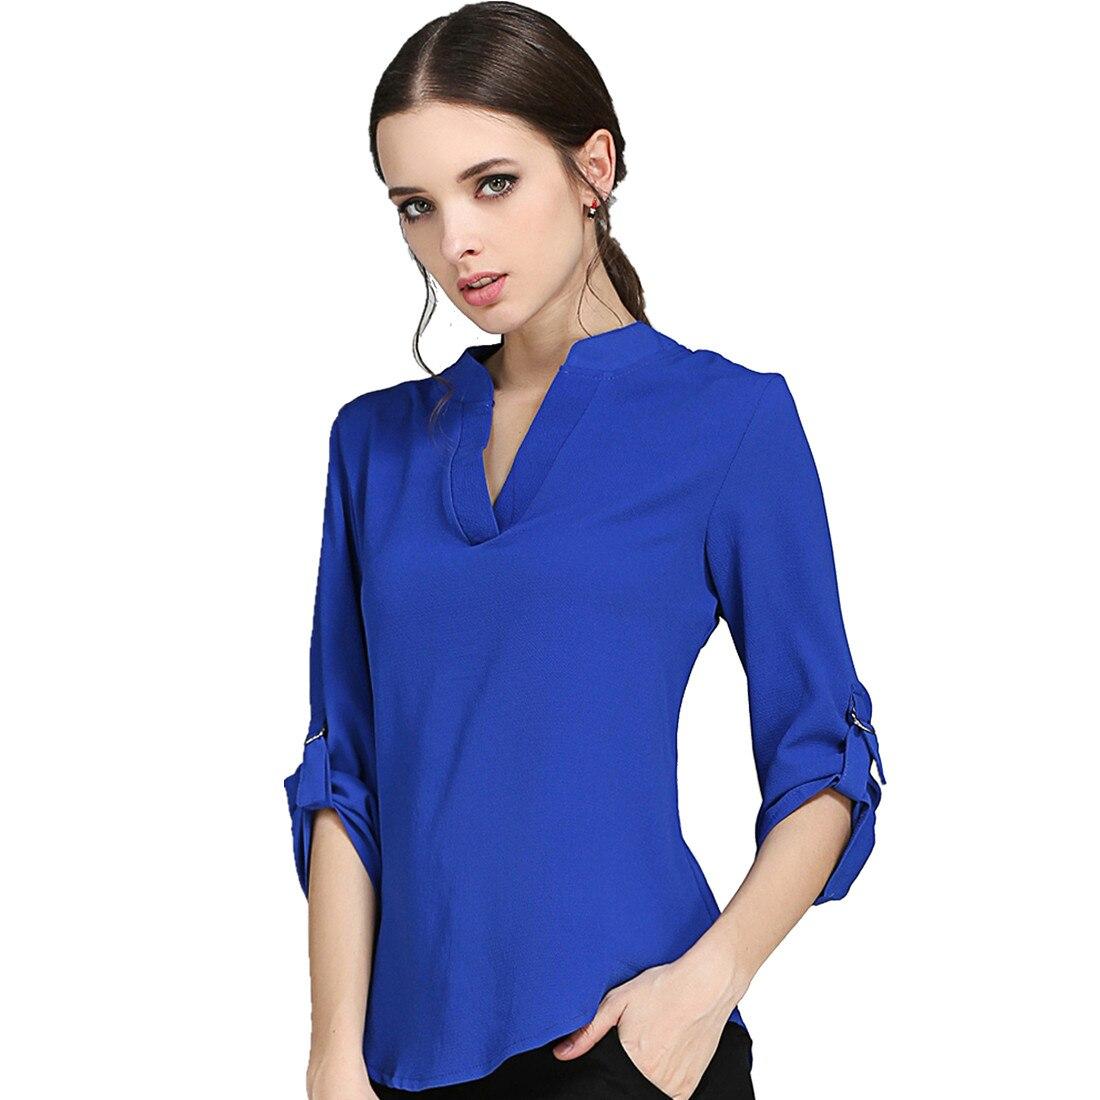 Nuevo Blusas cuello Gasa blanco V Camisa Manga Ocasional Pliegues Europa Floja azul Camisas Larga Negro Tamaño rojo Estilo gris De Y Más La 5xl naranja CqFwxn5A